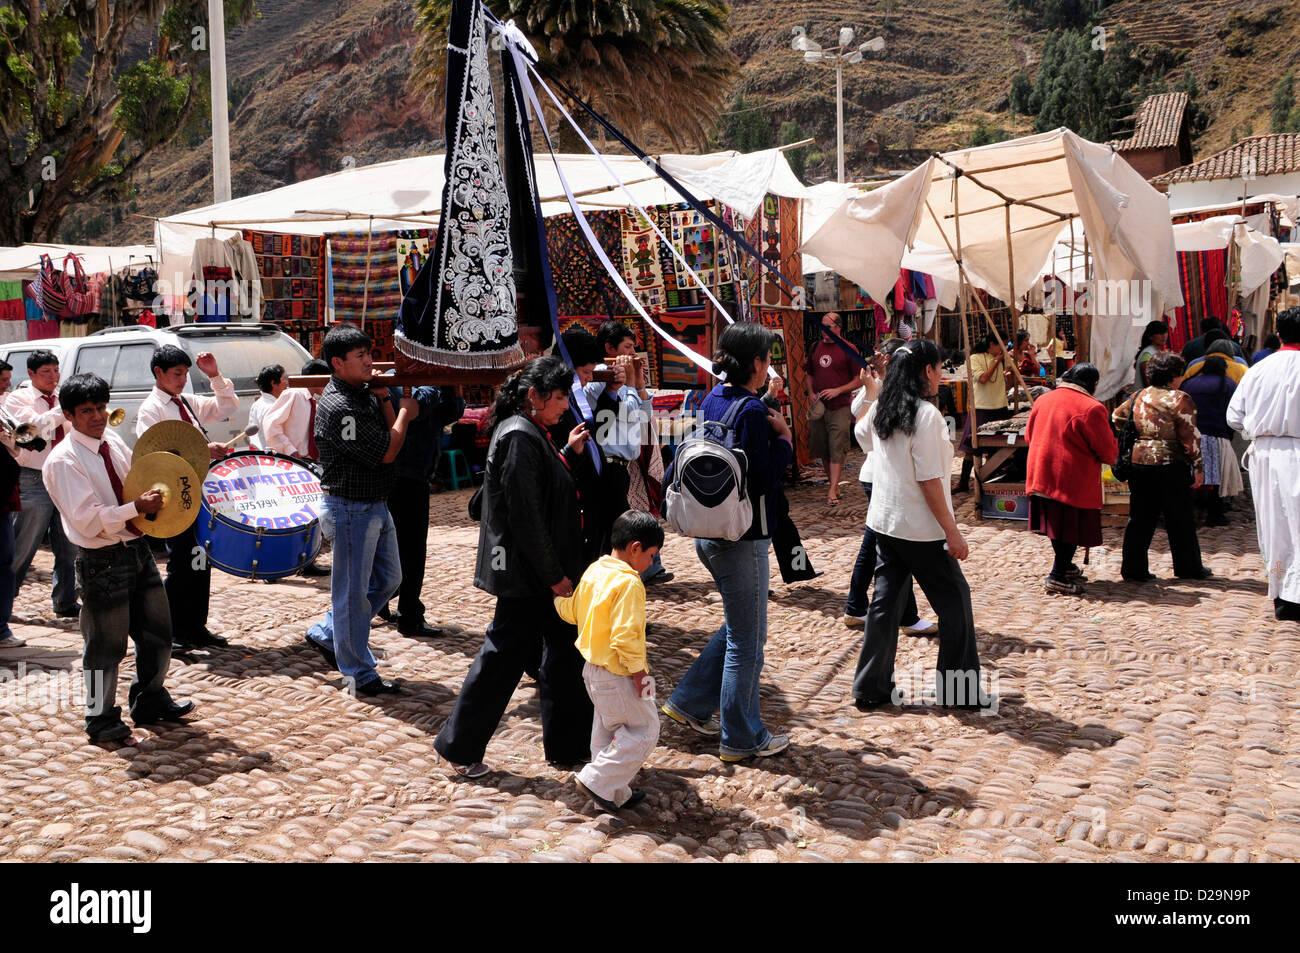 Procesión religiosa, Perú Imagen De Stock